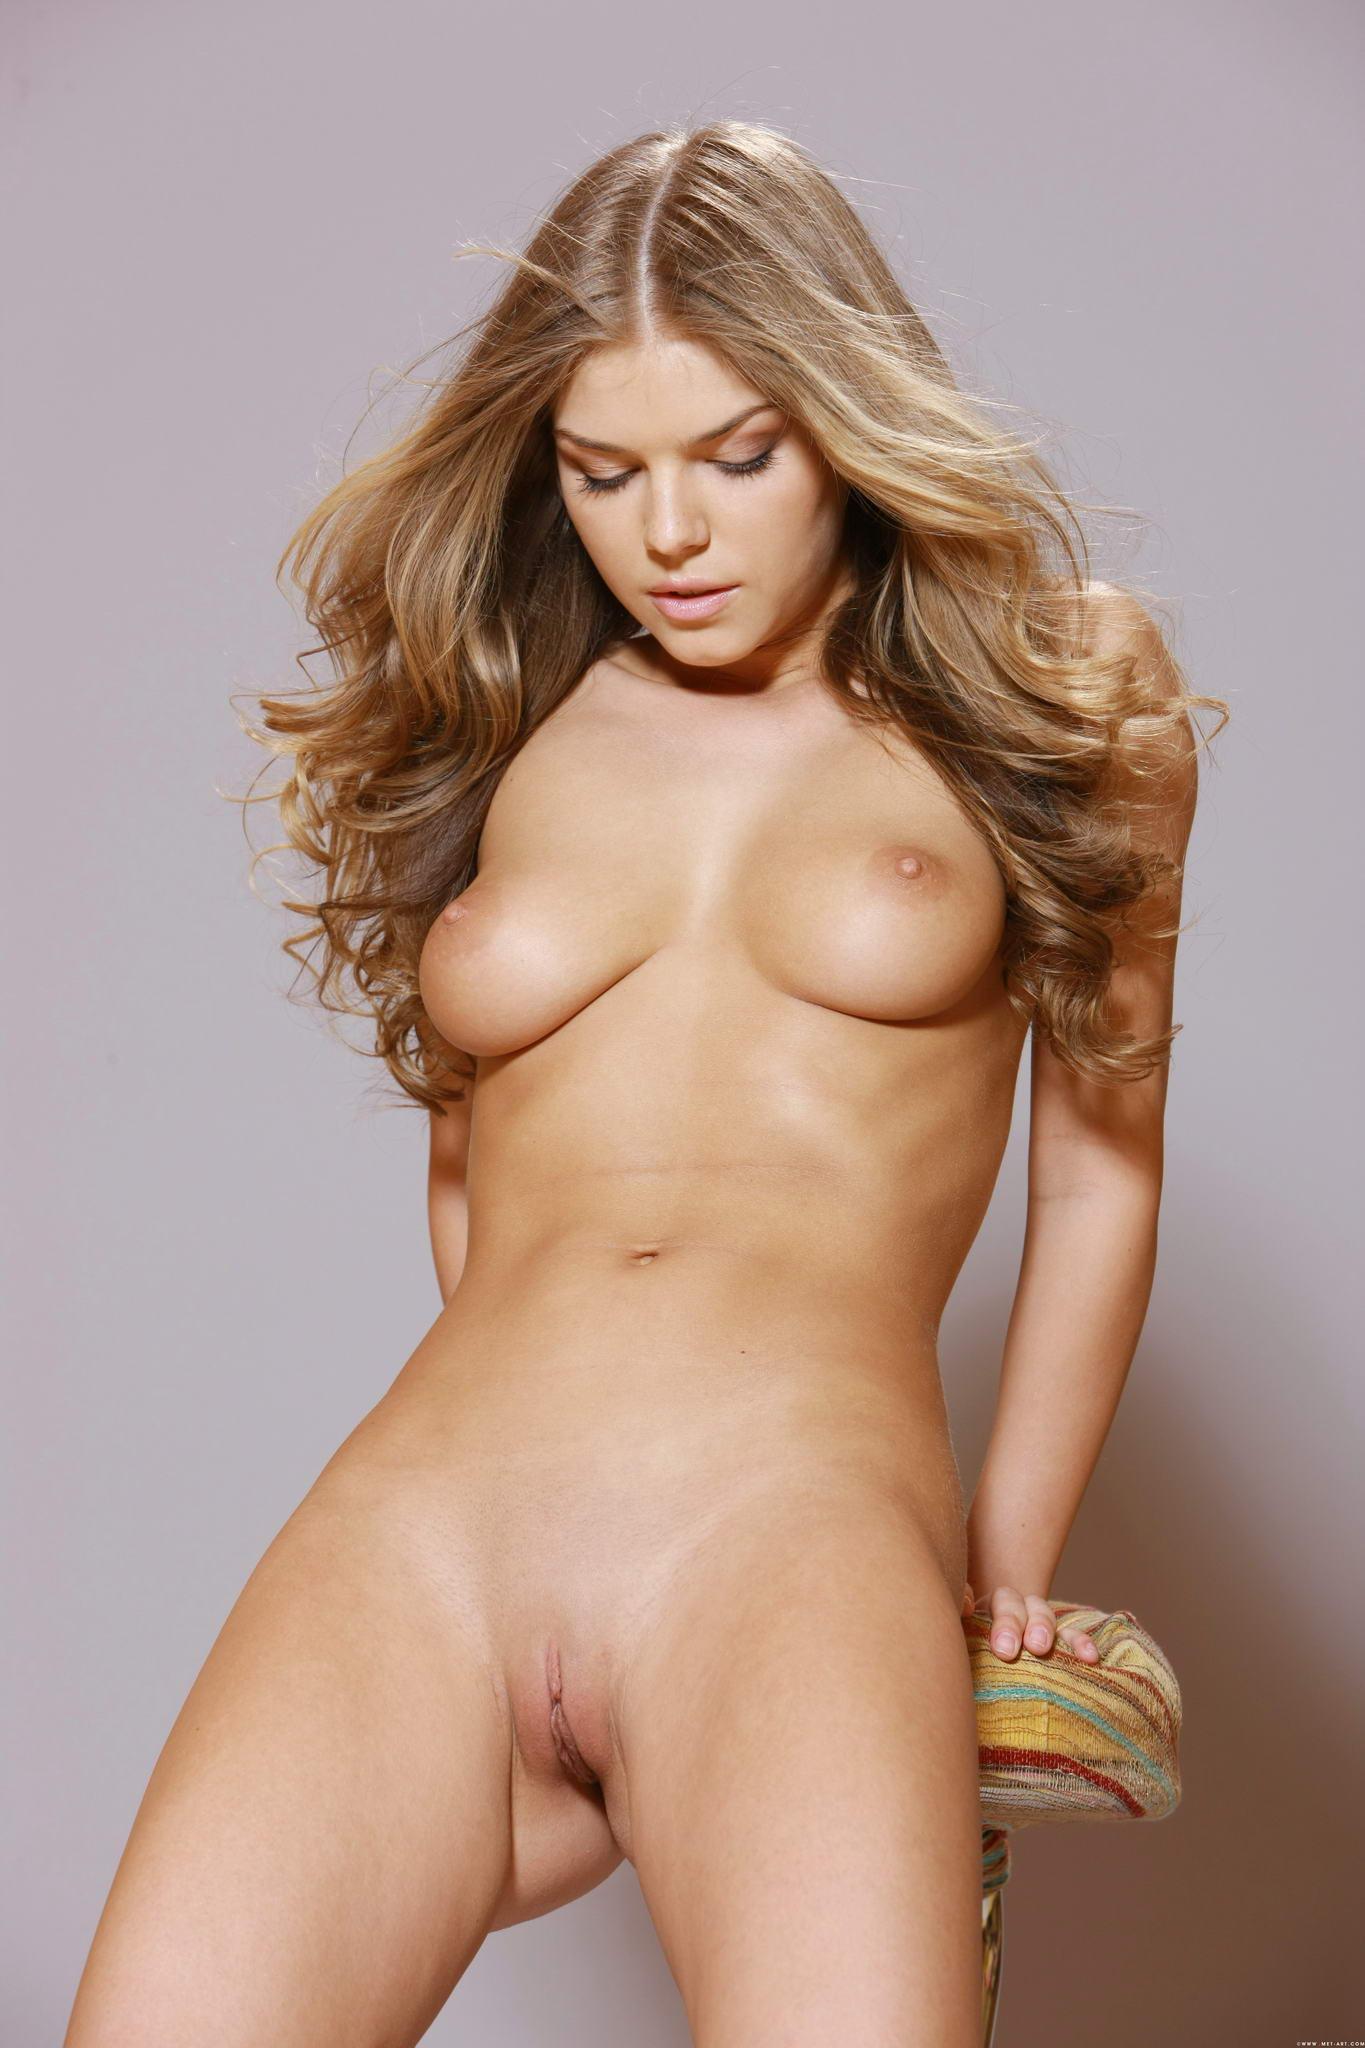 Секс с топ моделями онлайн 12 фотография